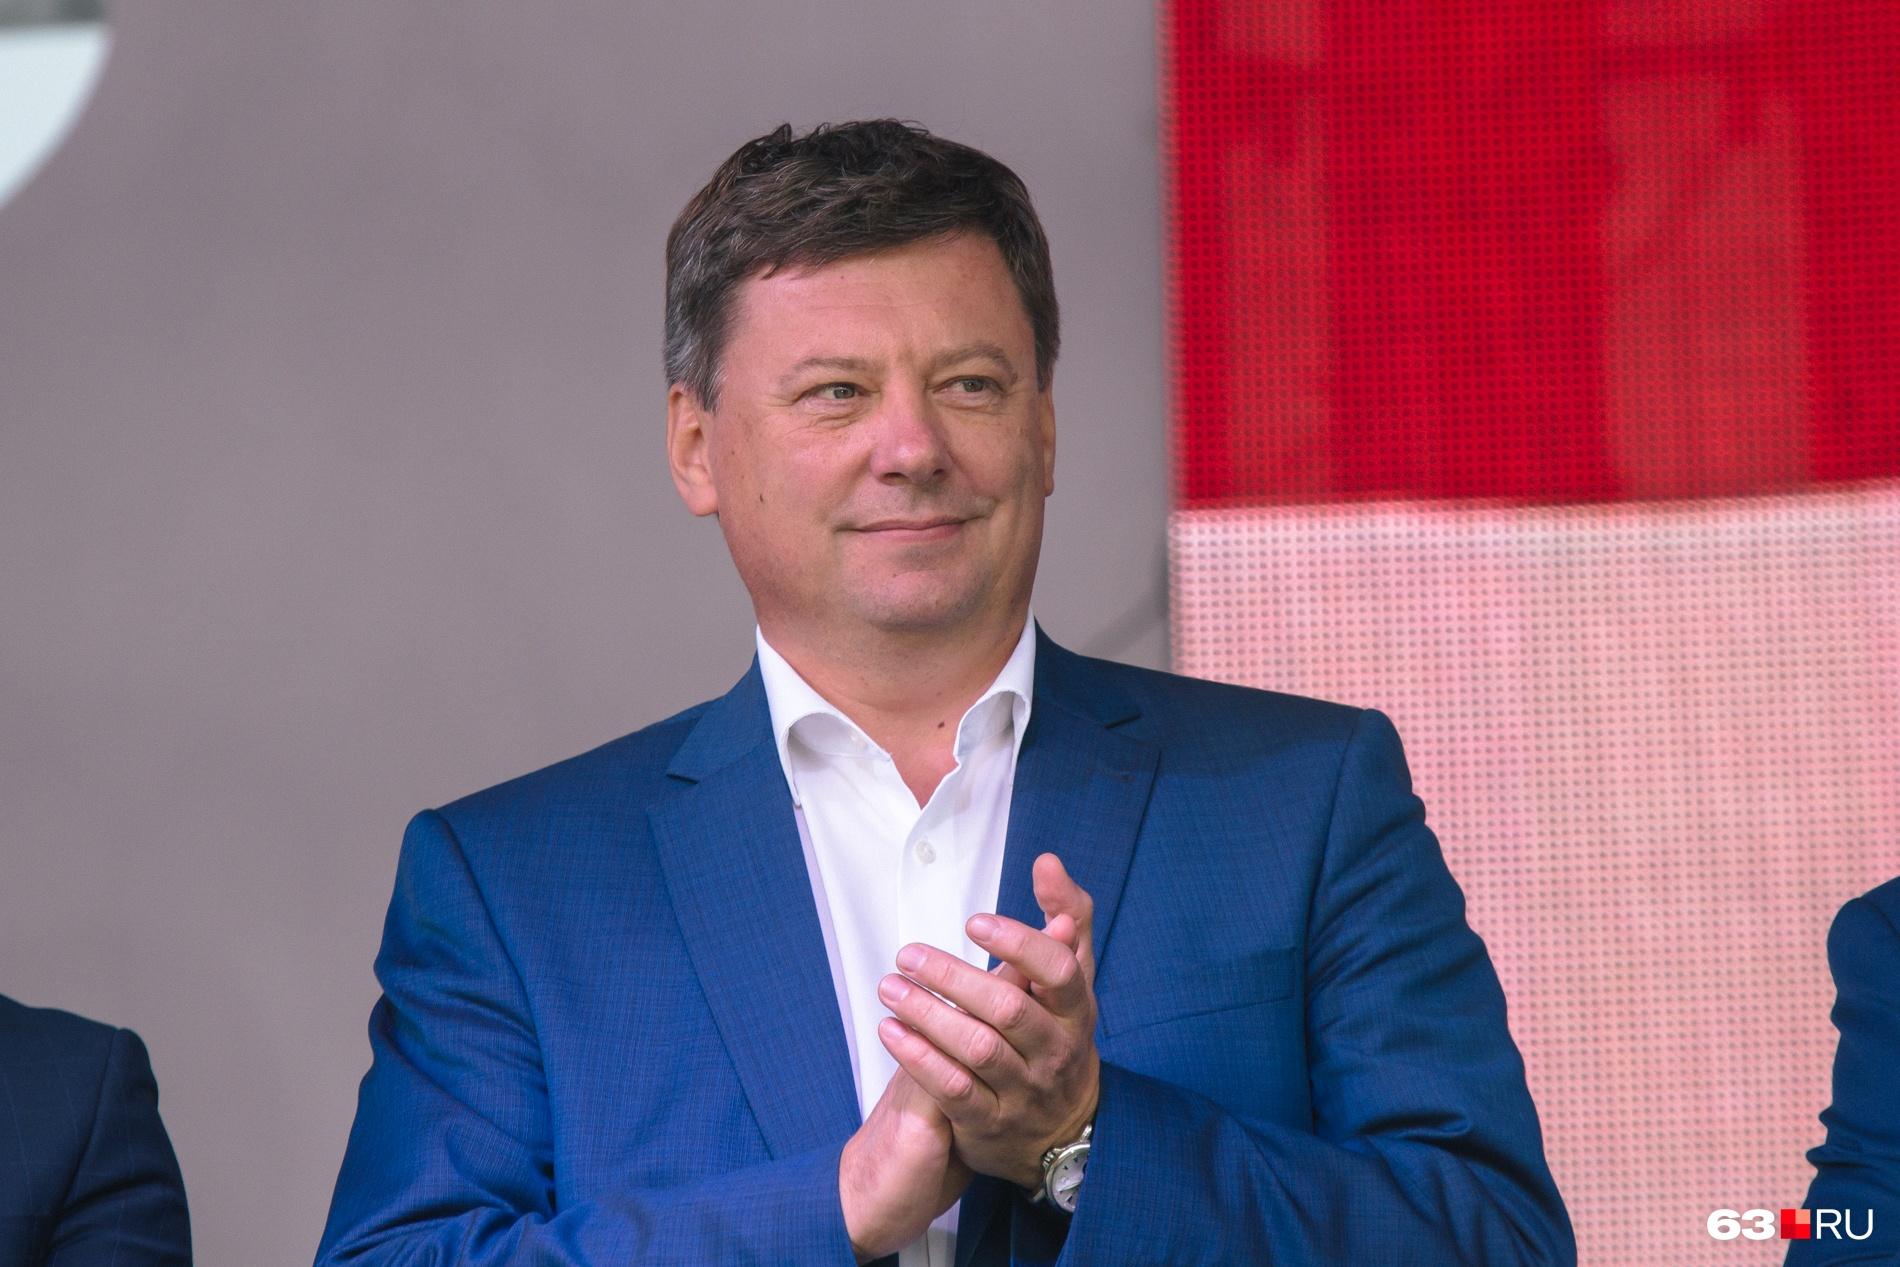 Олега Фурсова хотели вернуть на должность министра, но что-то пошло не так